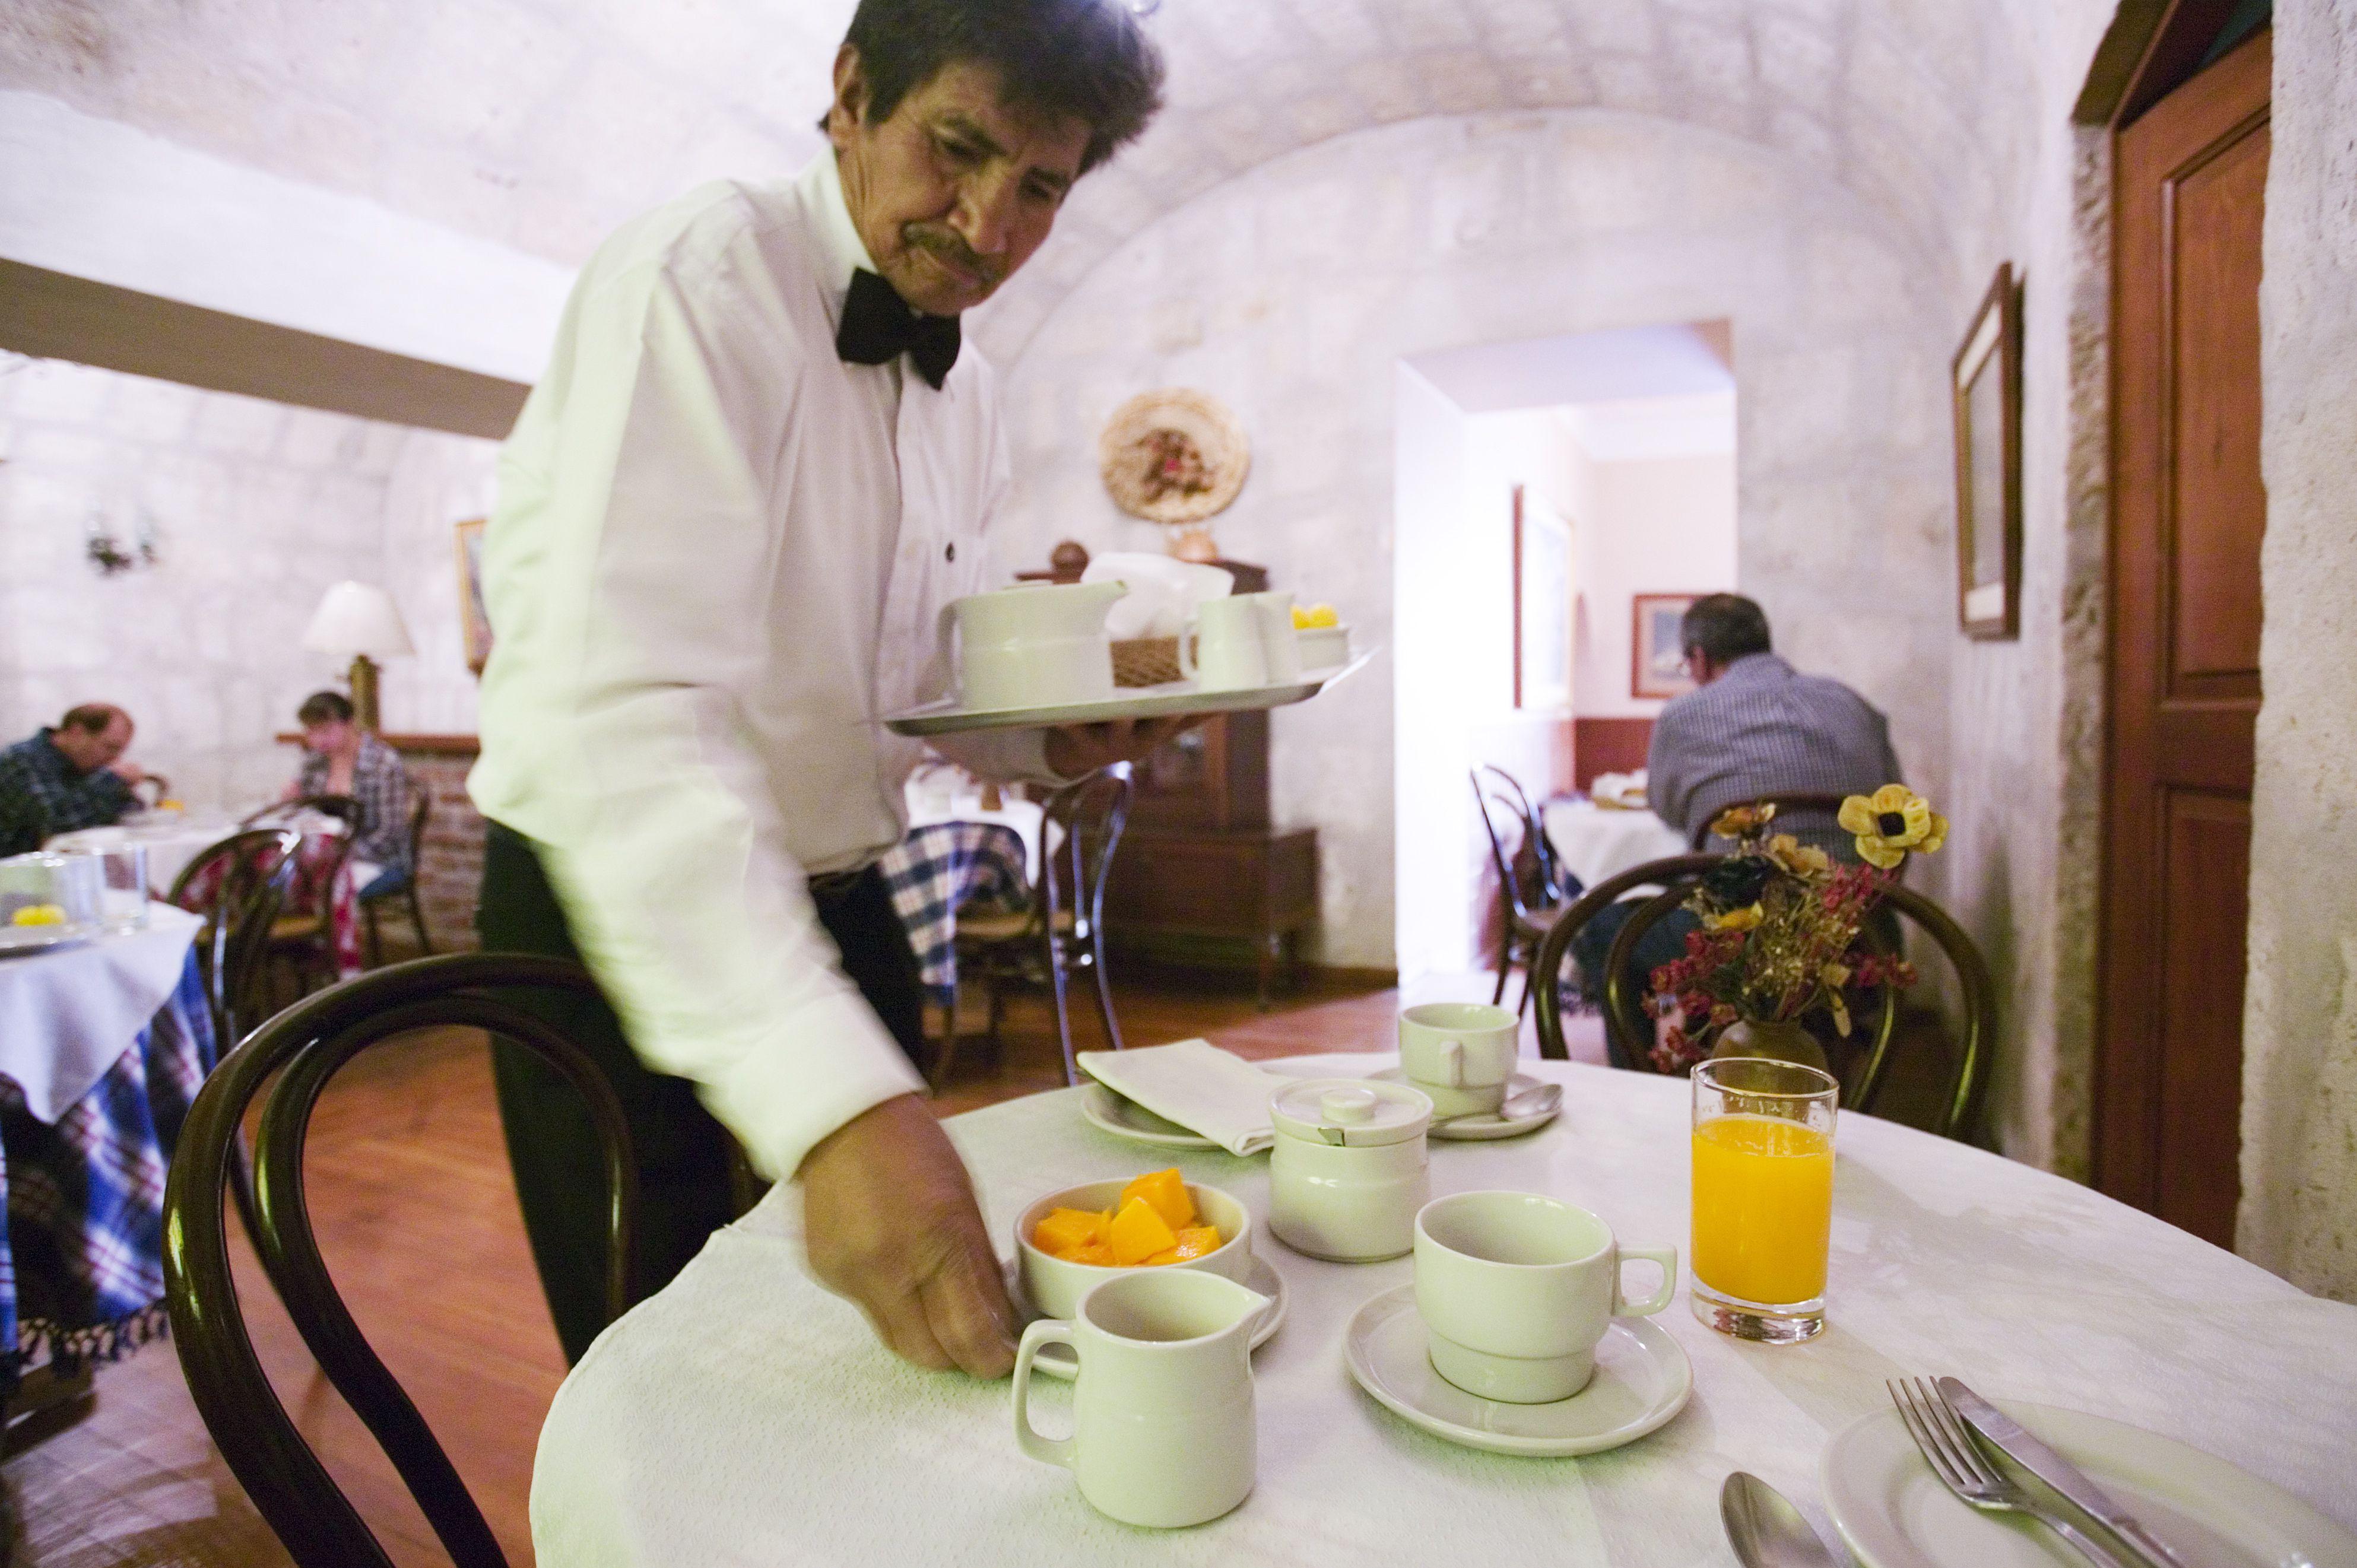 Servicio de desayuno en el hotel La Hosteria, Calle Bolívar